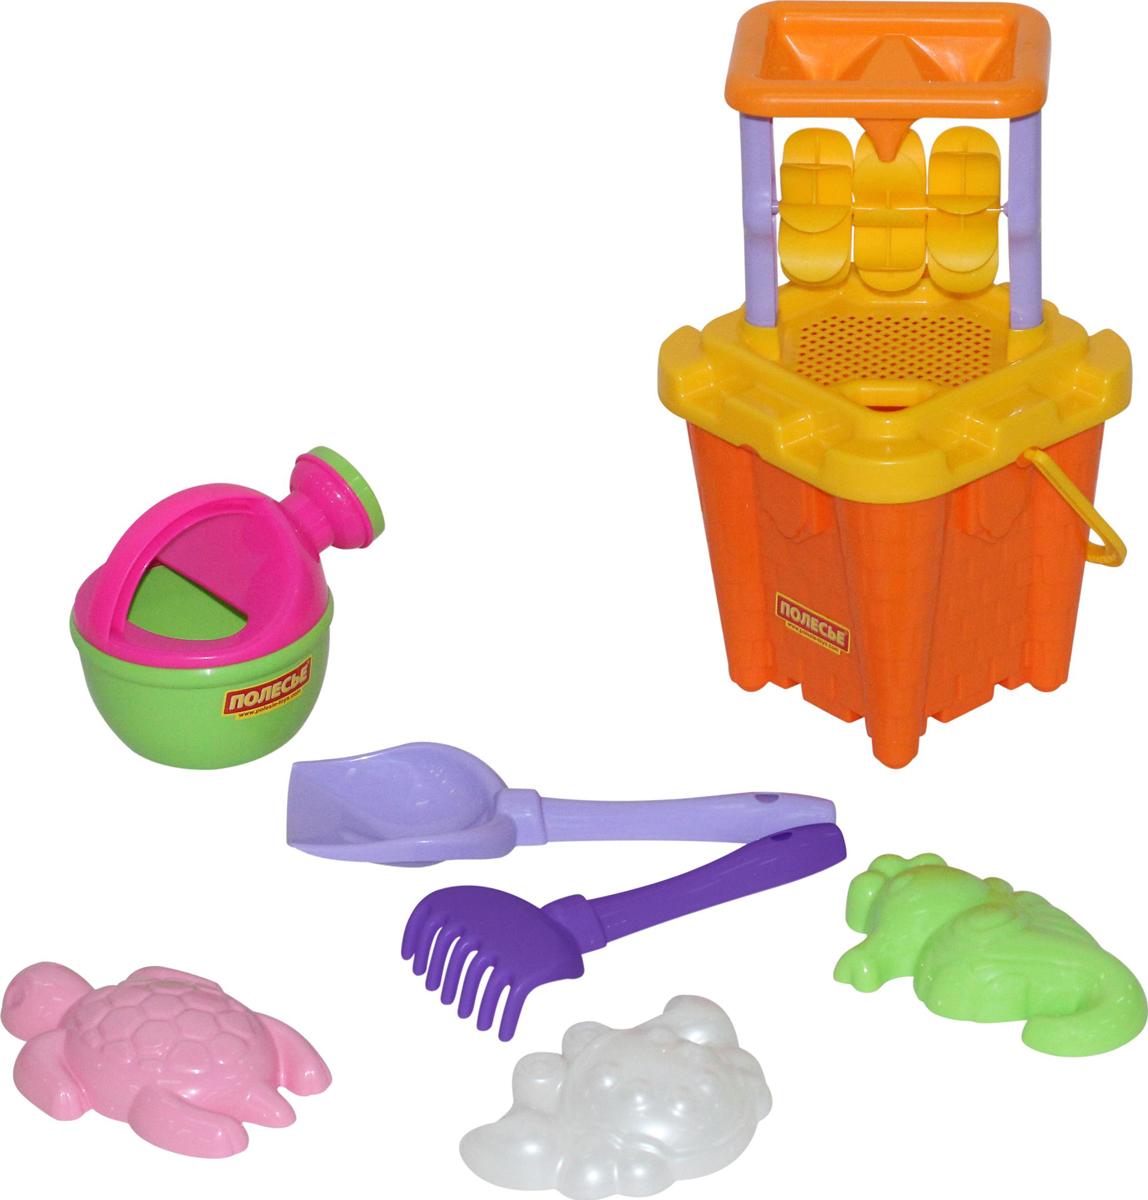 Полесье Набор игрушек для песочницы №557 полесье набор для песочницы 340